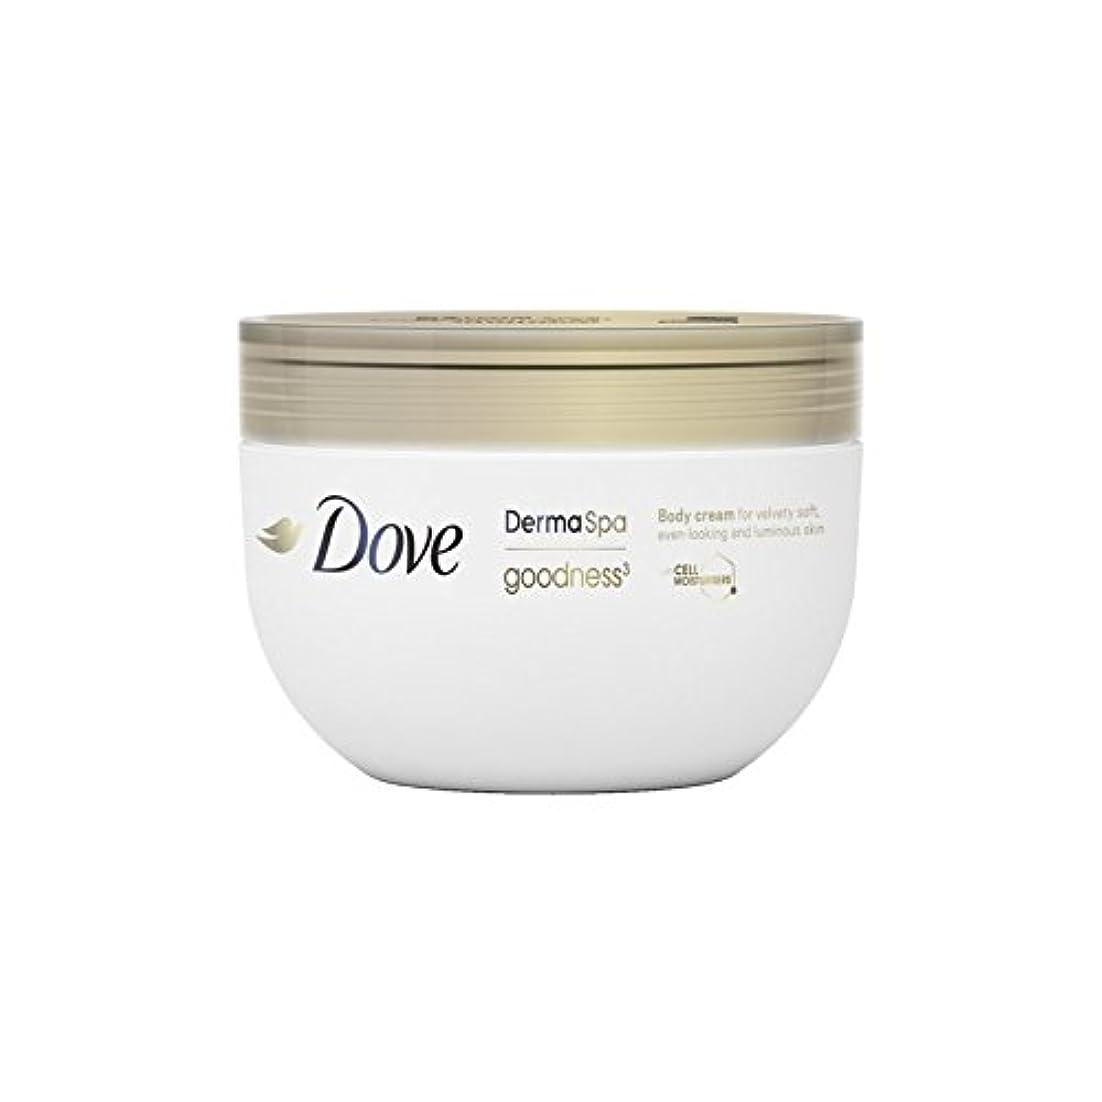 兵隊禁止飢え鳩の3ボディクリーム(300ミリリットル) x4 - Dove DermaSpa Goodness3 Body Cream (300ml) (Pack of 4) [並行輸入品]